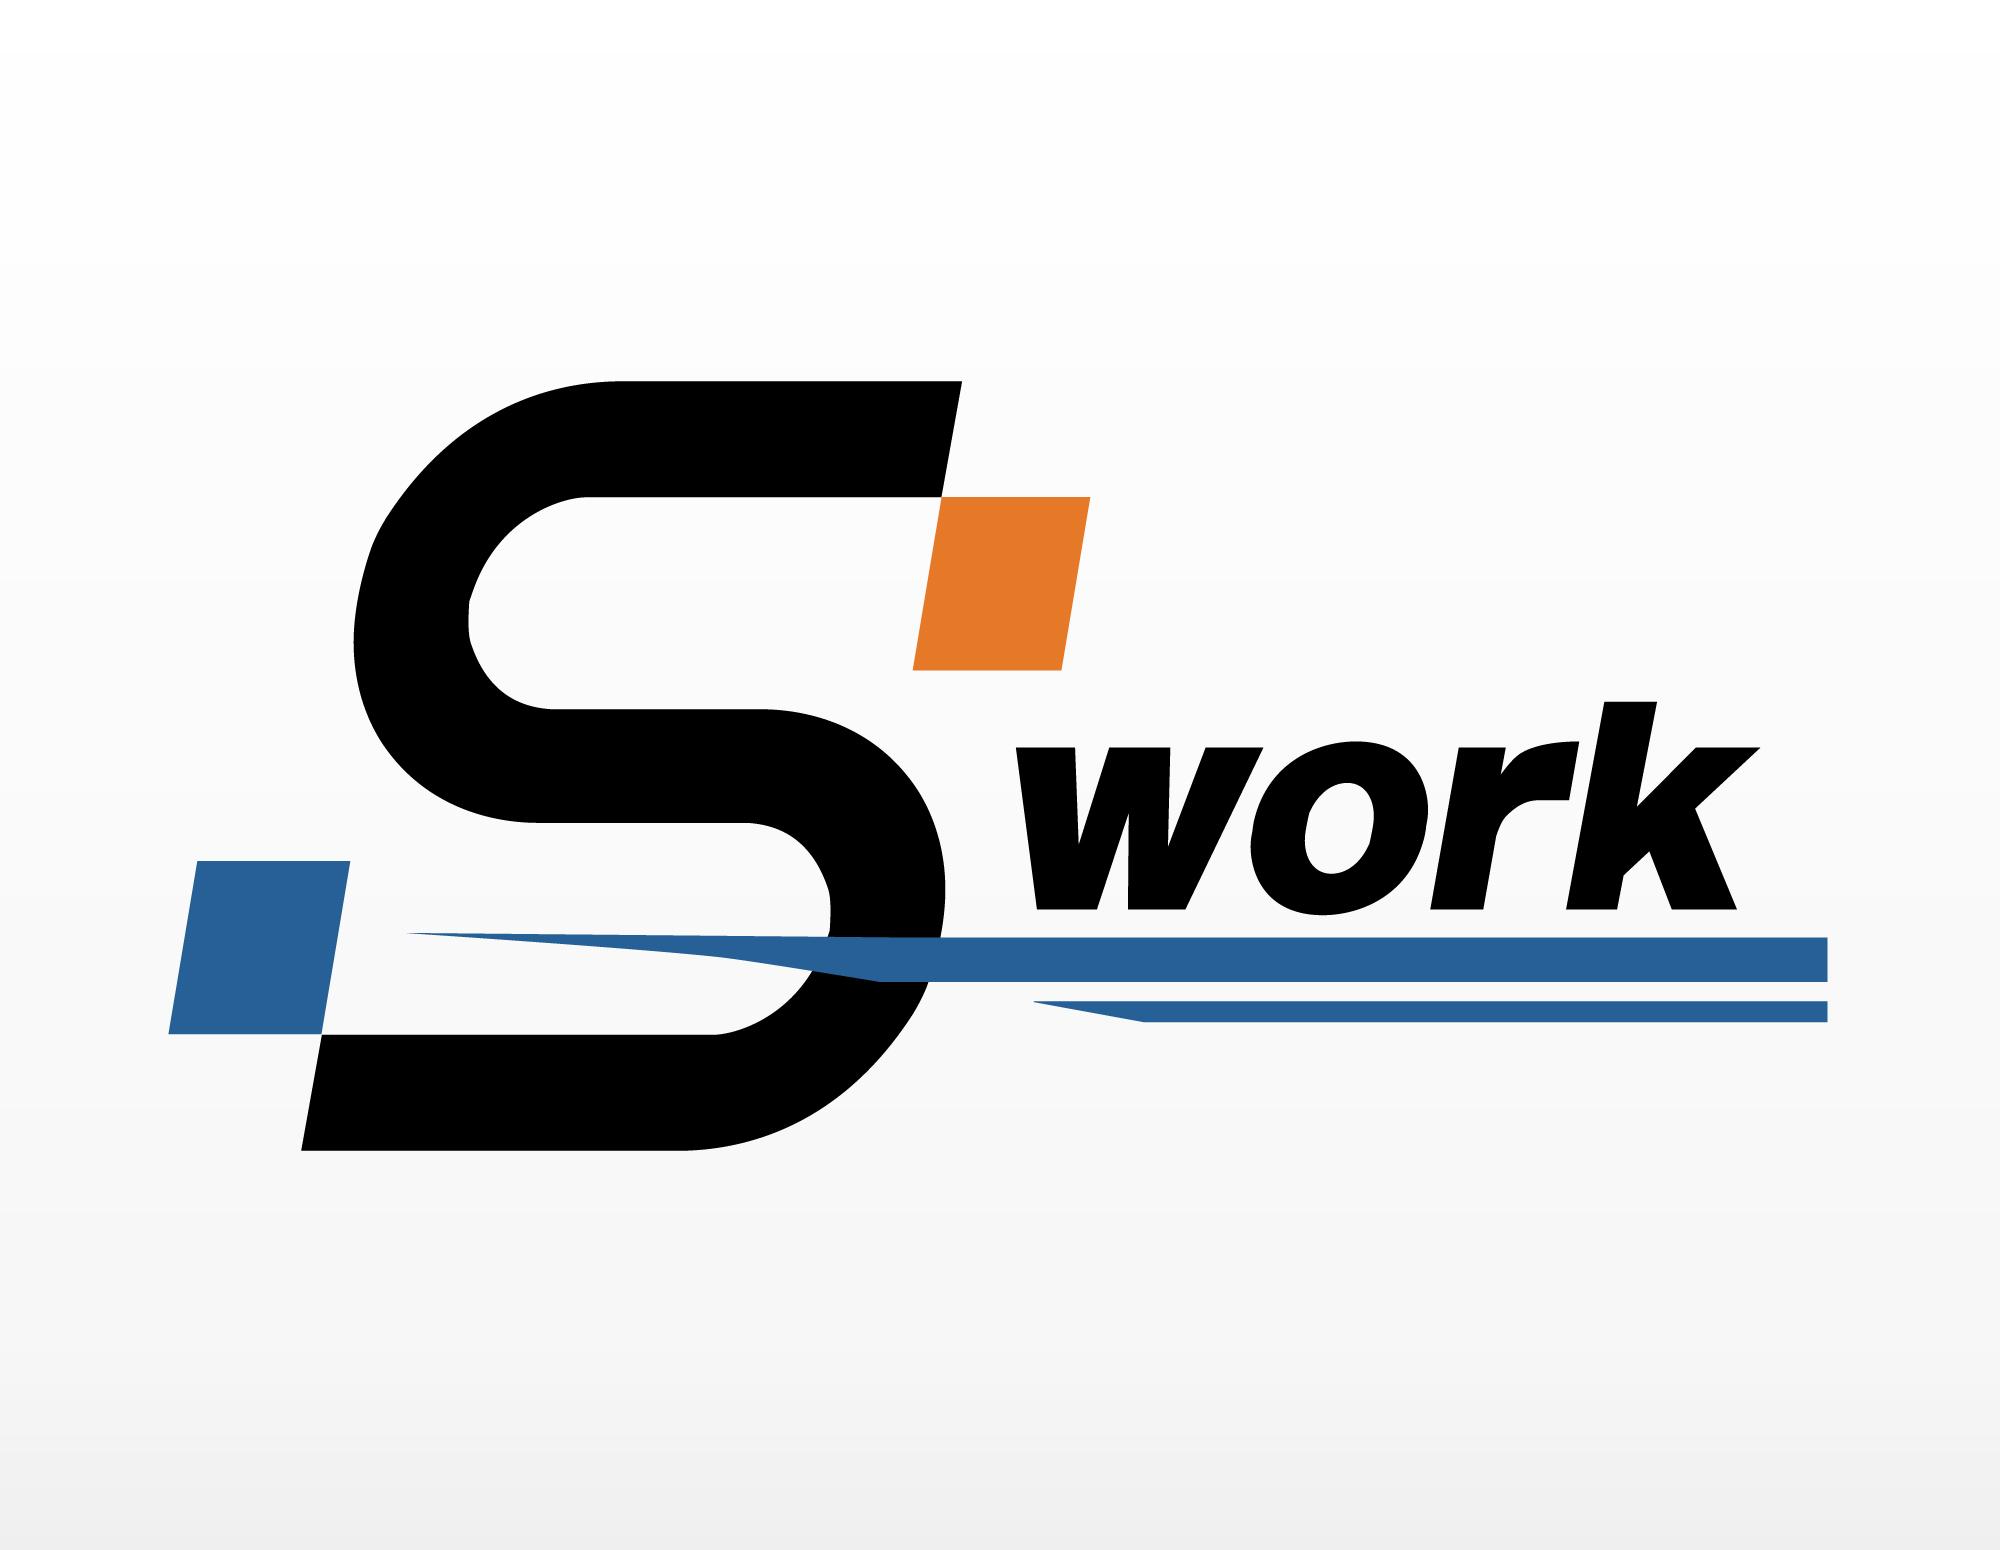 N700SのSworkのロゴマーク